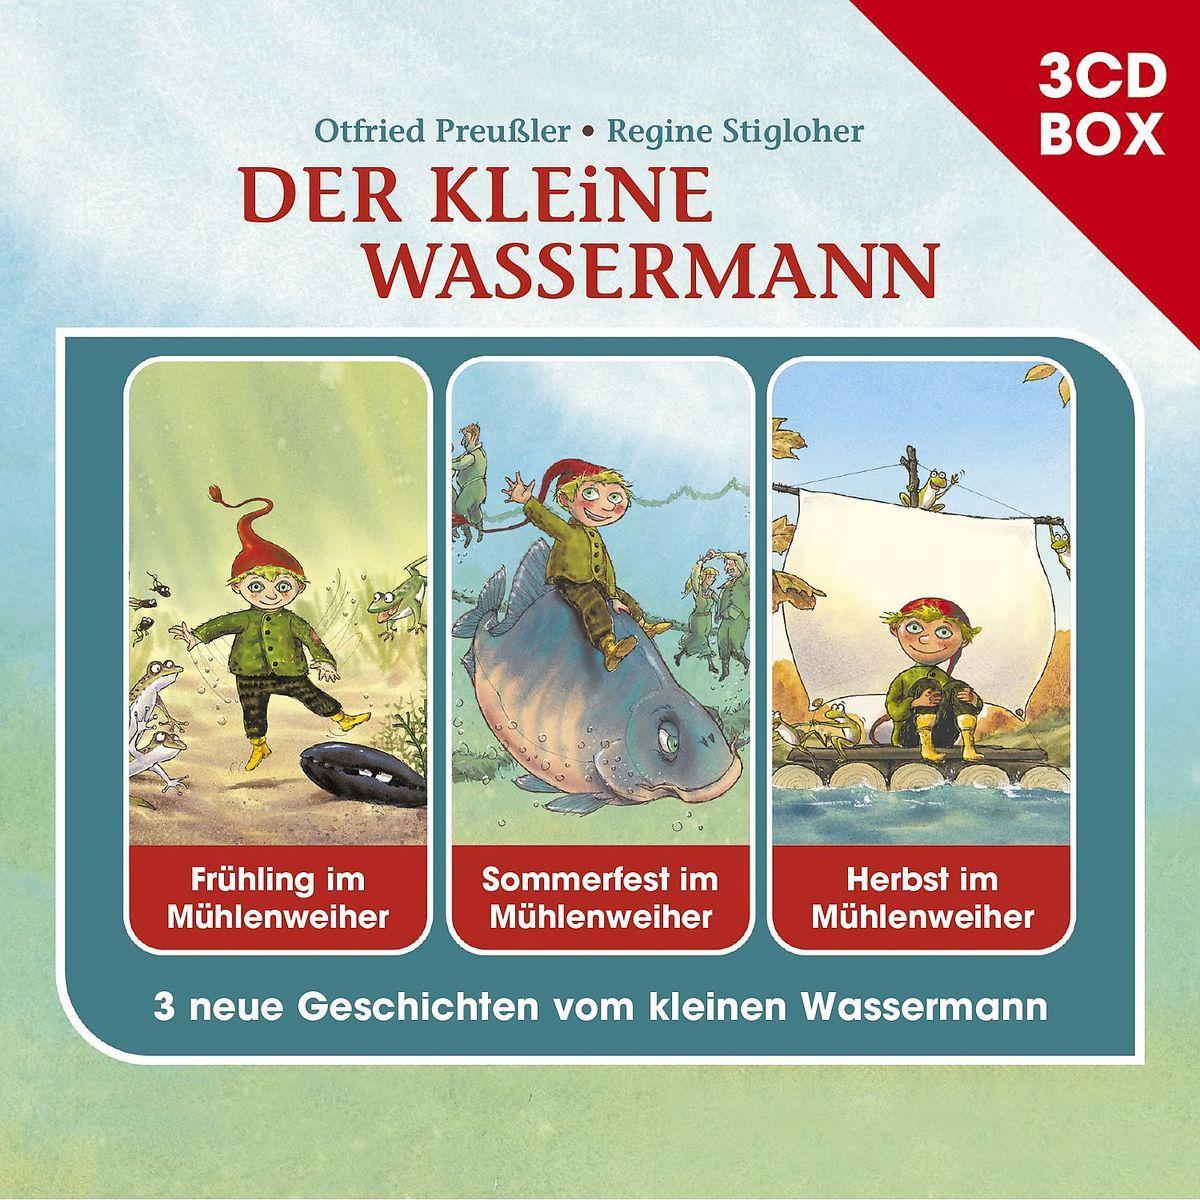 Der Kleine Wassermann-3-Cd Hörspielbox: Otfried Preußler